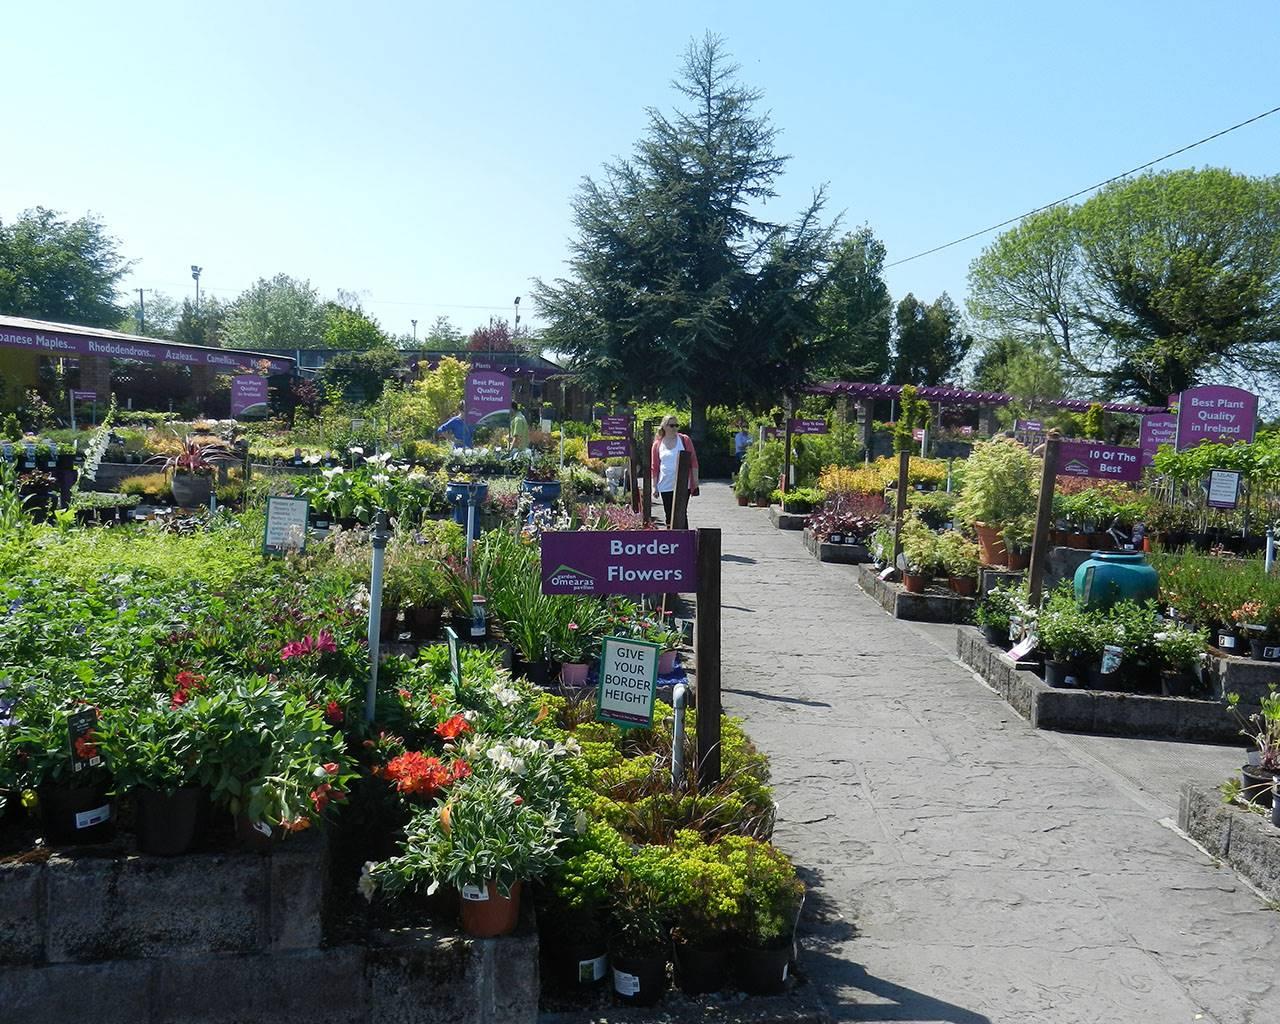 Garden Centre: O'Meara's Garden Centre